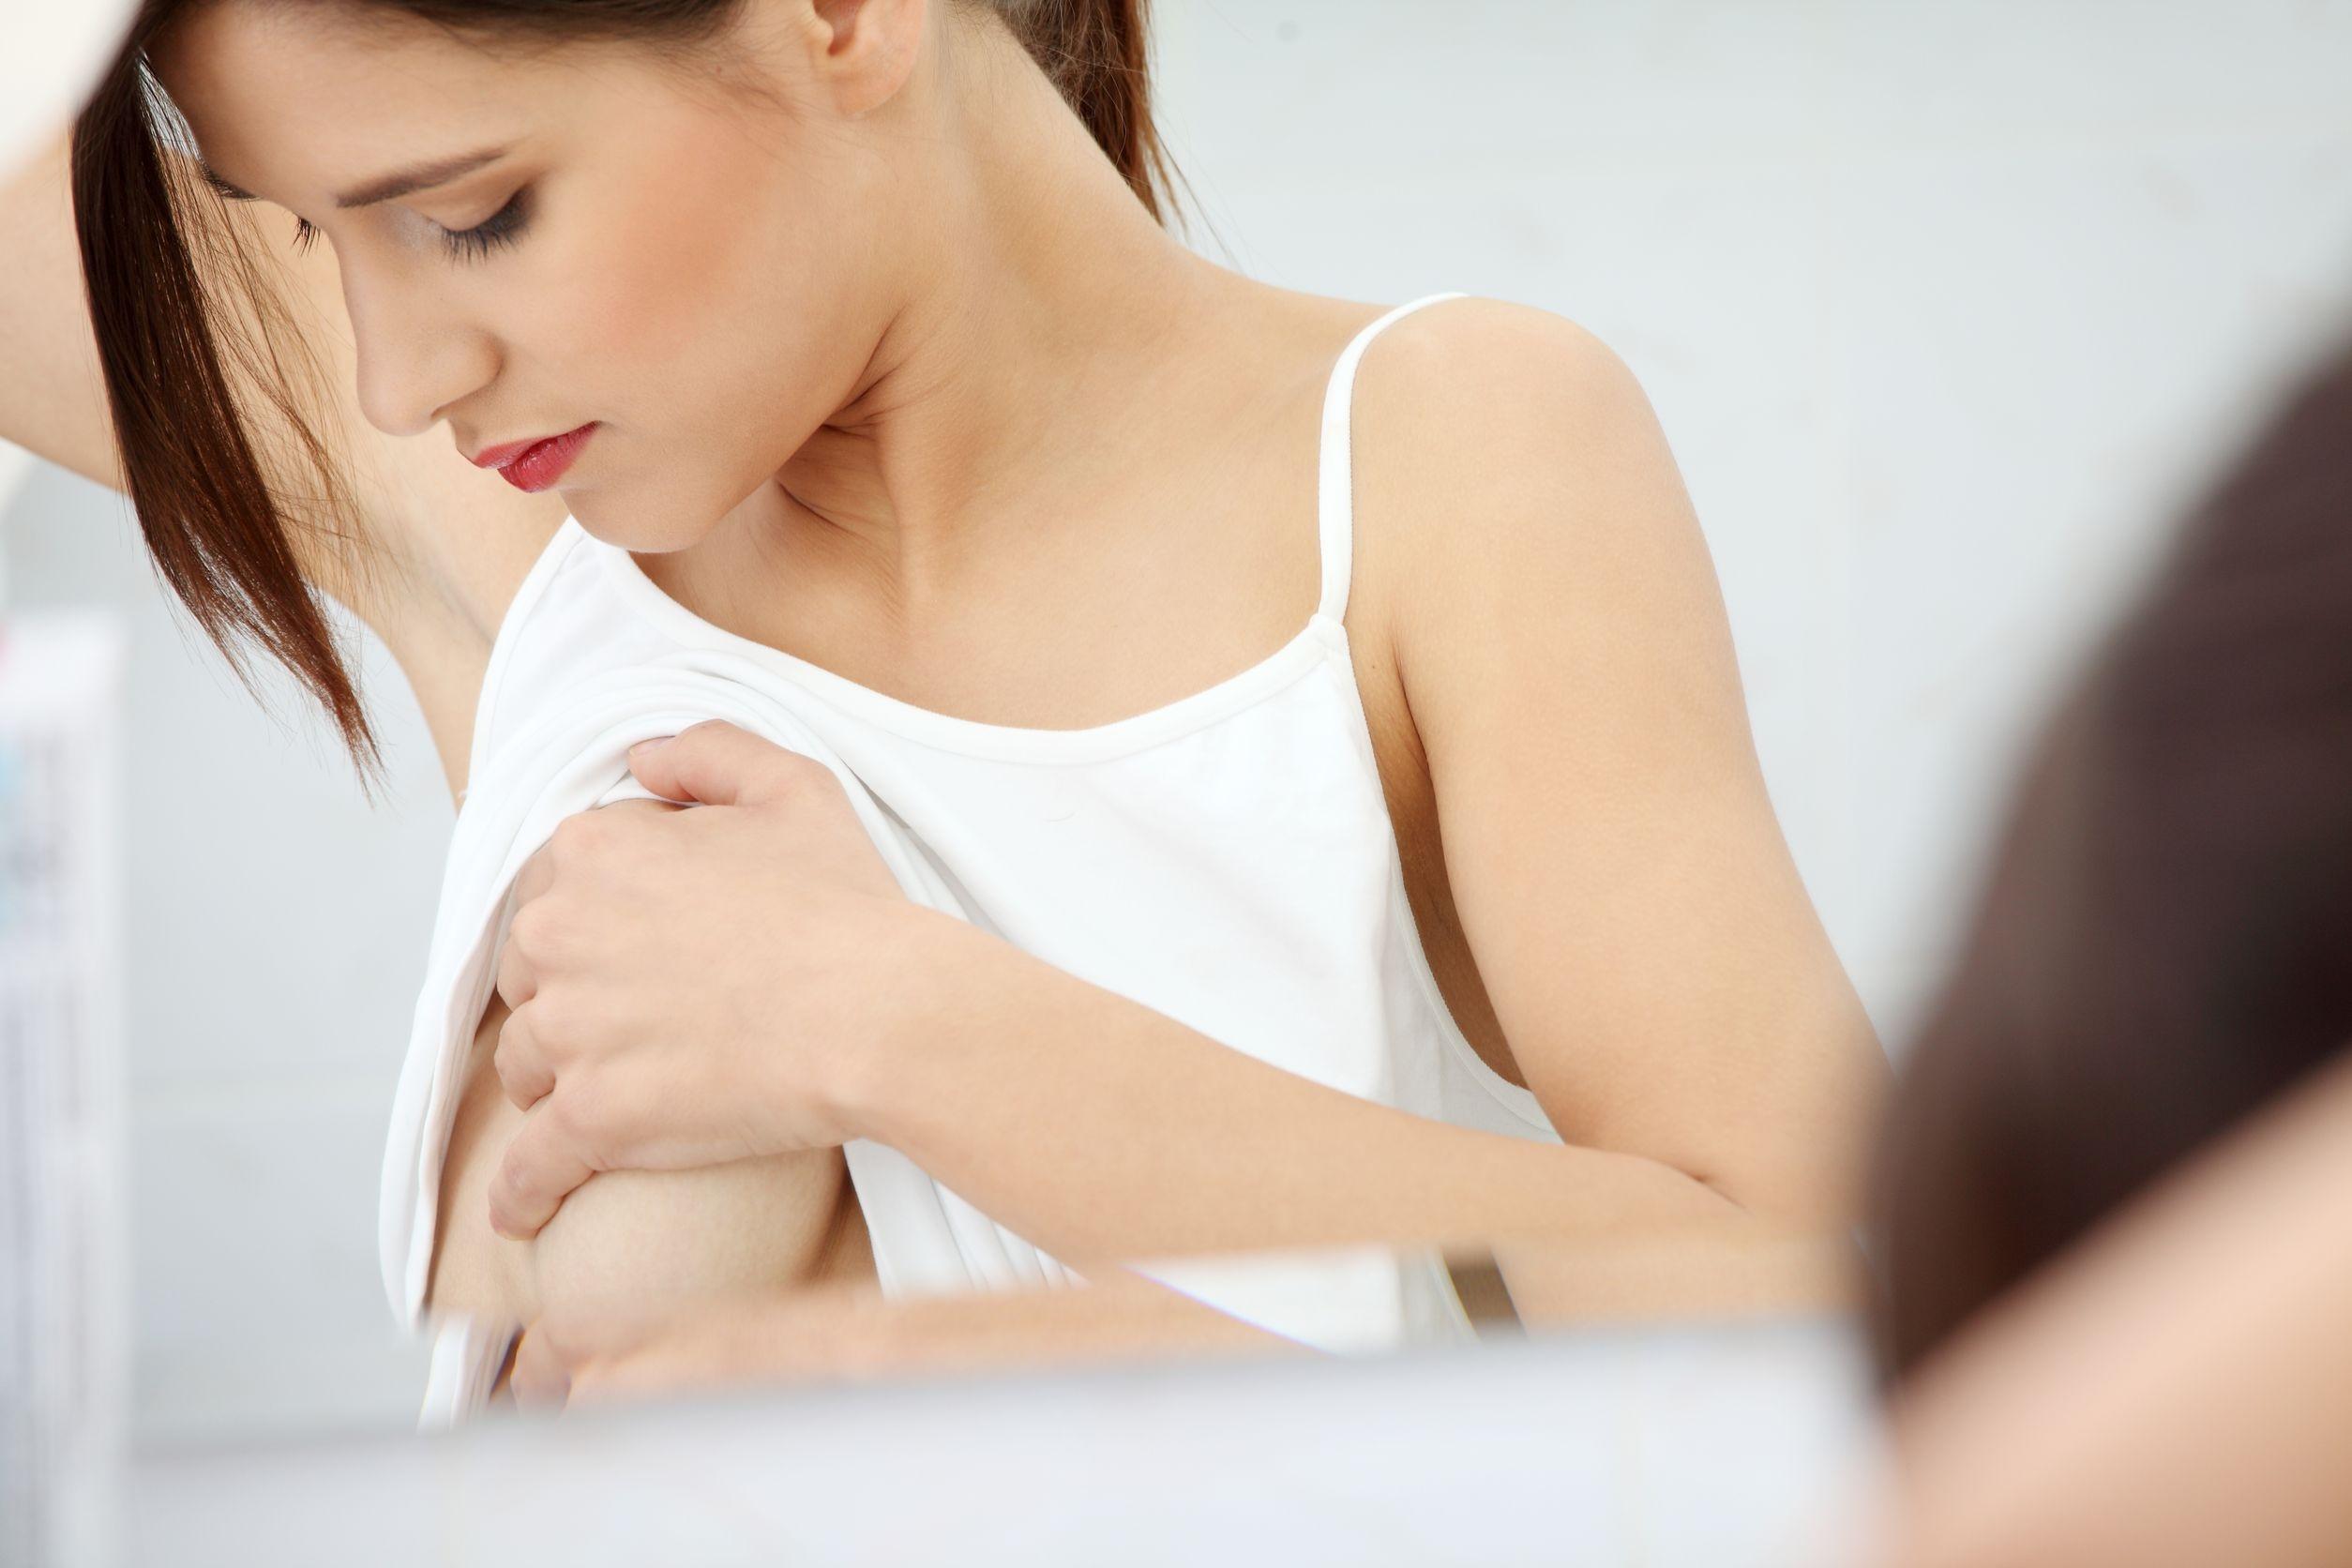 Может ли болеть грудь в первые недели беременности